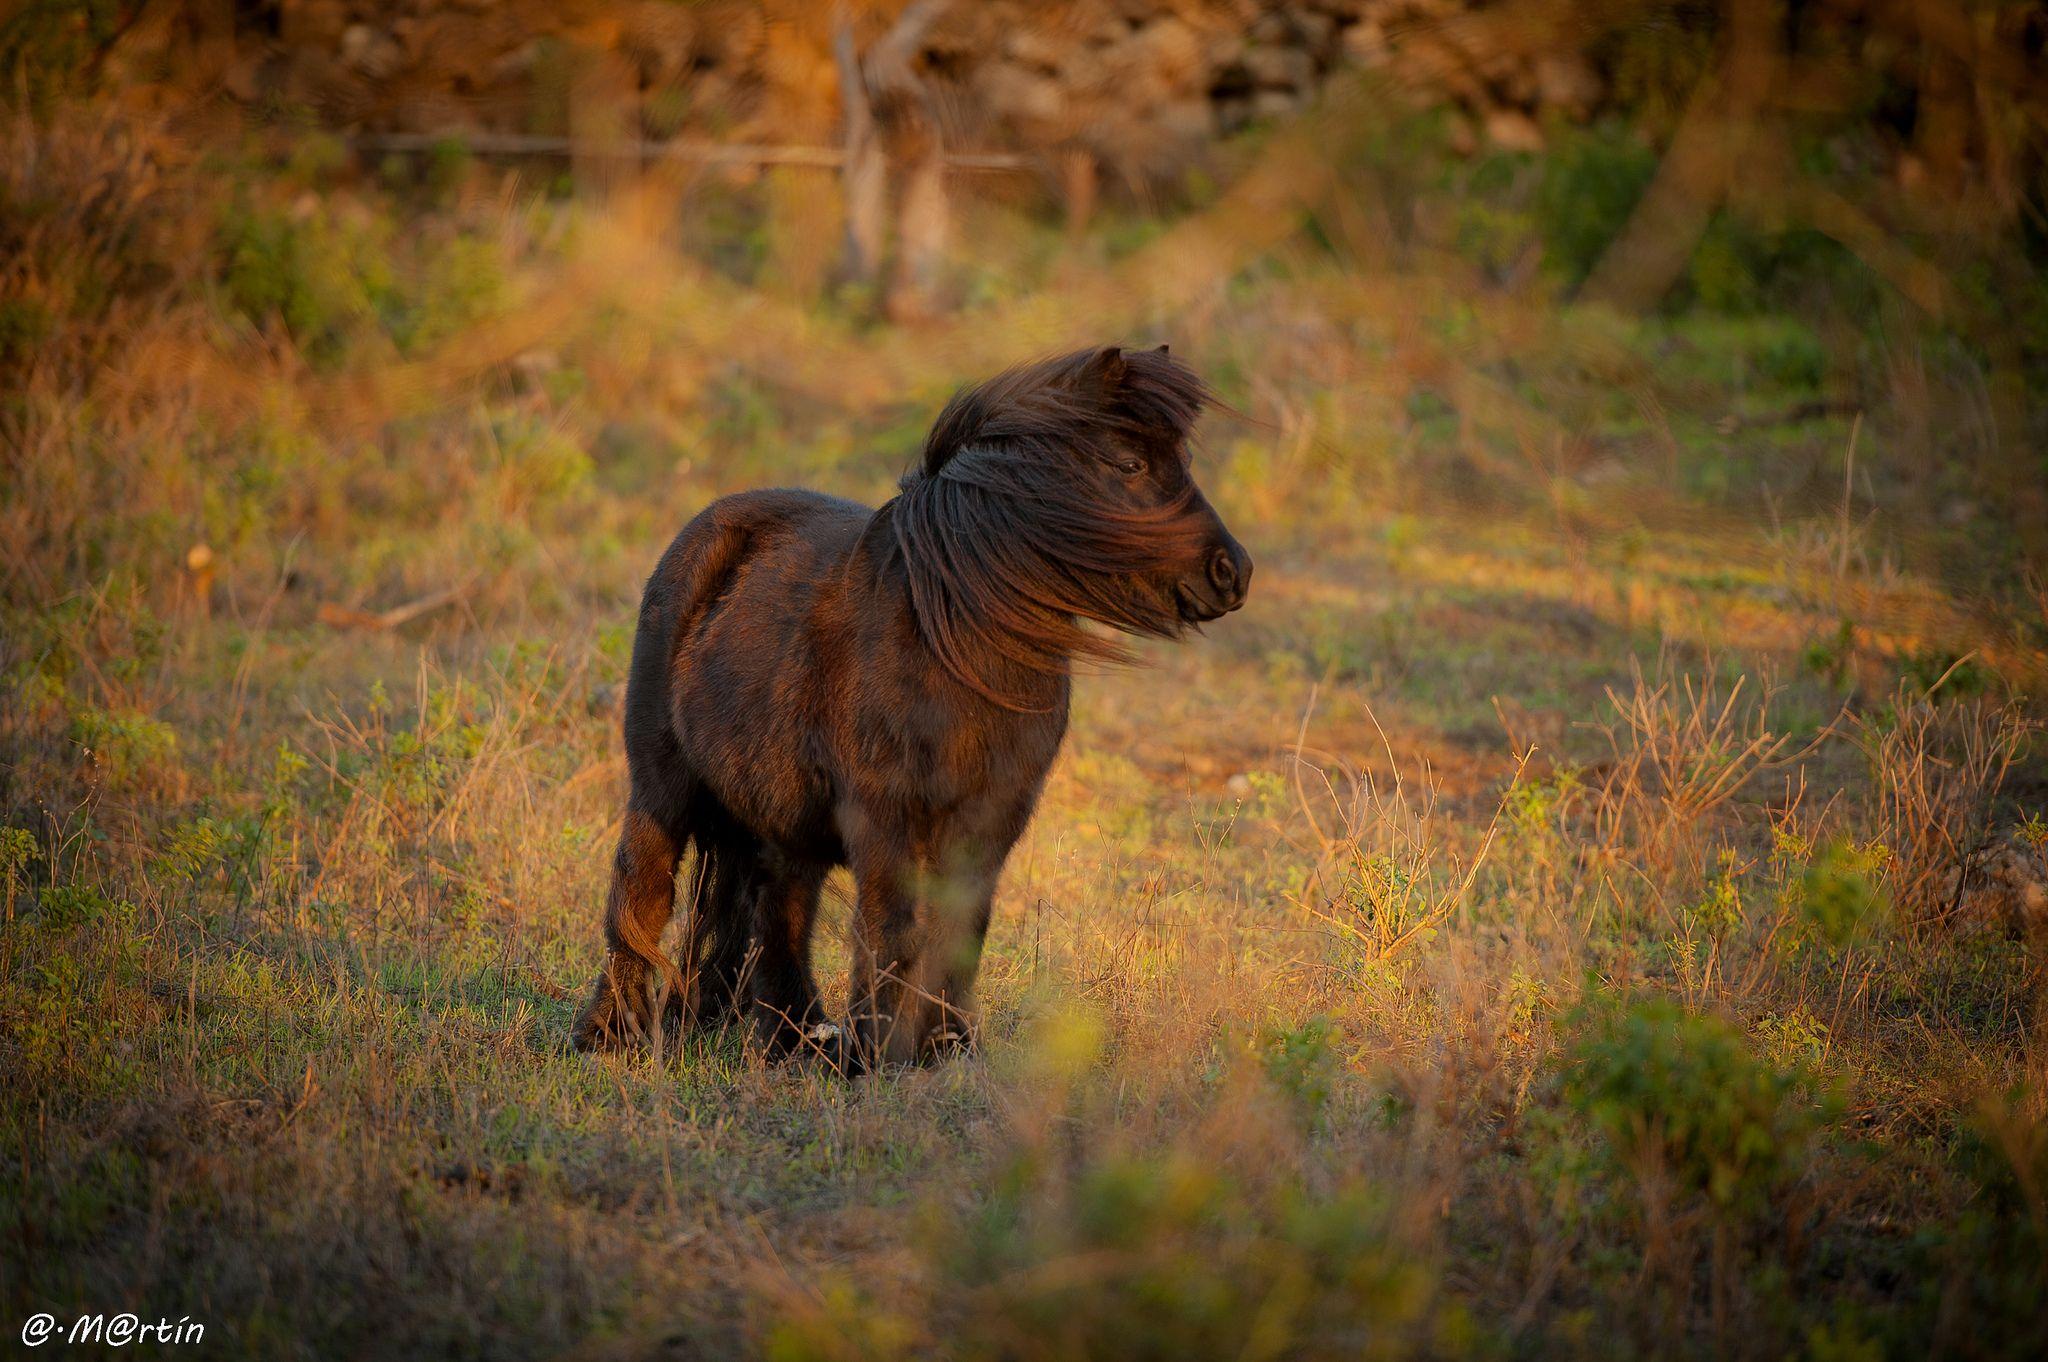 """Un pequeno """"mini pony"""", solitario y reflexivo, en los campos de #GranCanaria - Foto de Alexis Martin"""